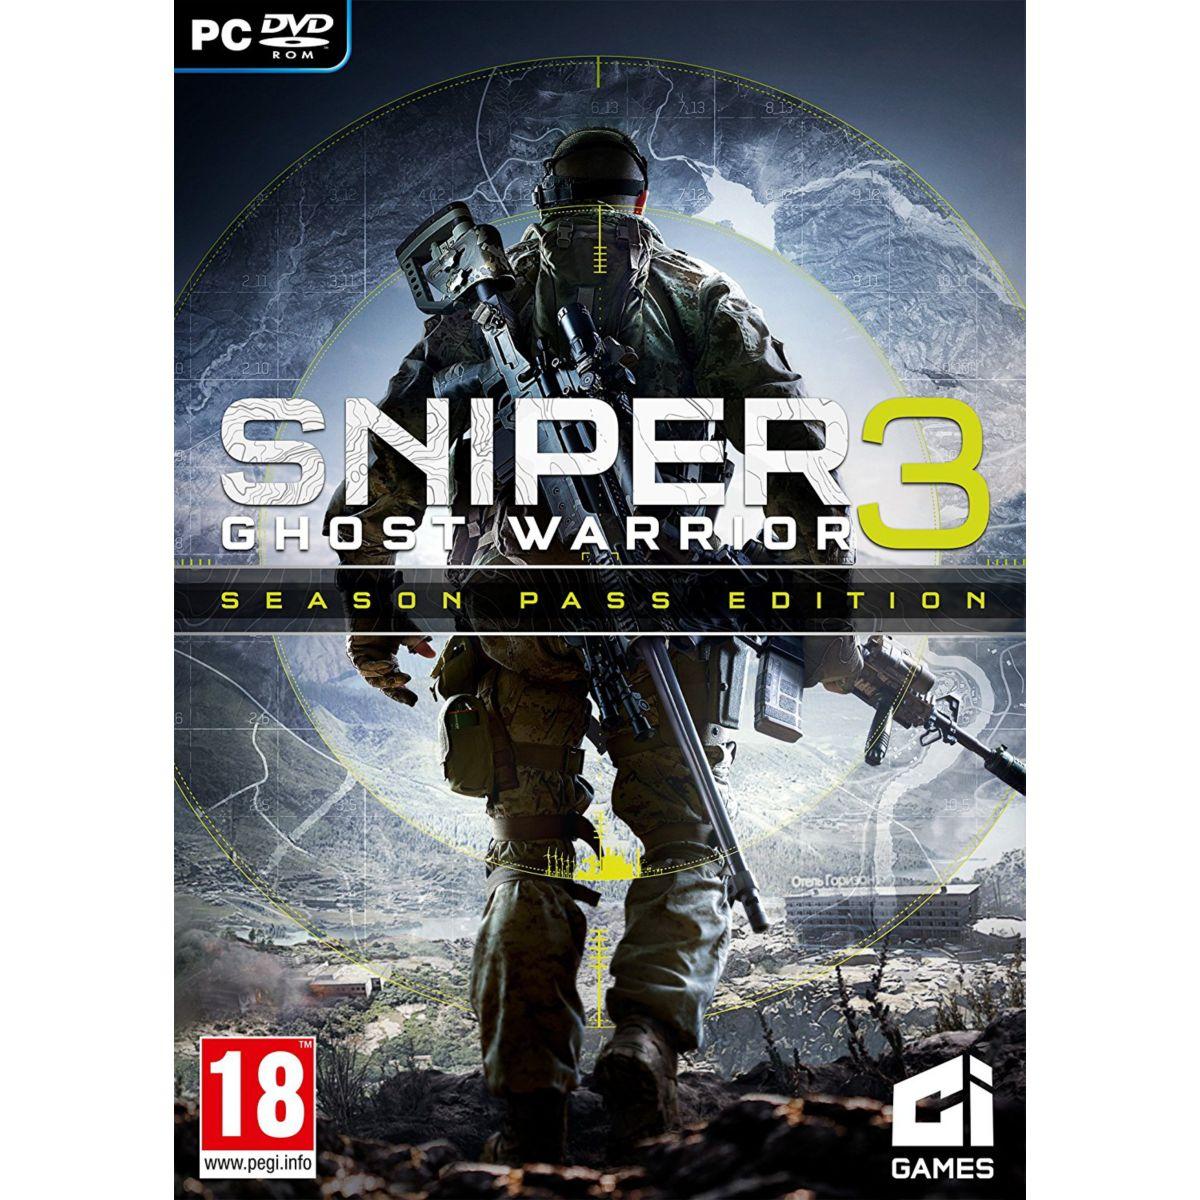 Jeu PC KOCH MEDIA Sniper Ghost Warrior 3 (photo)